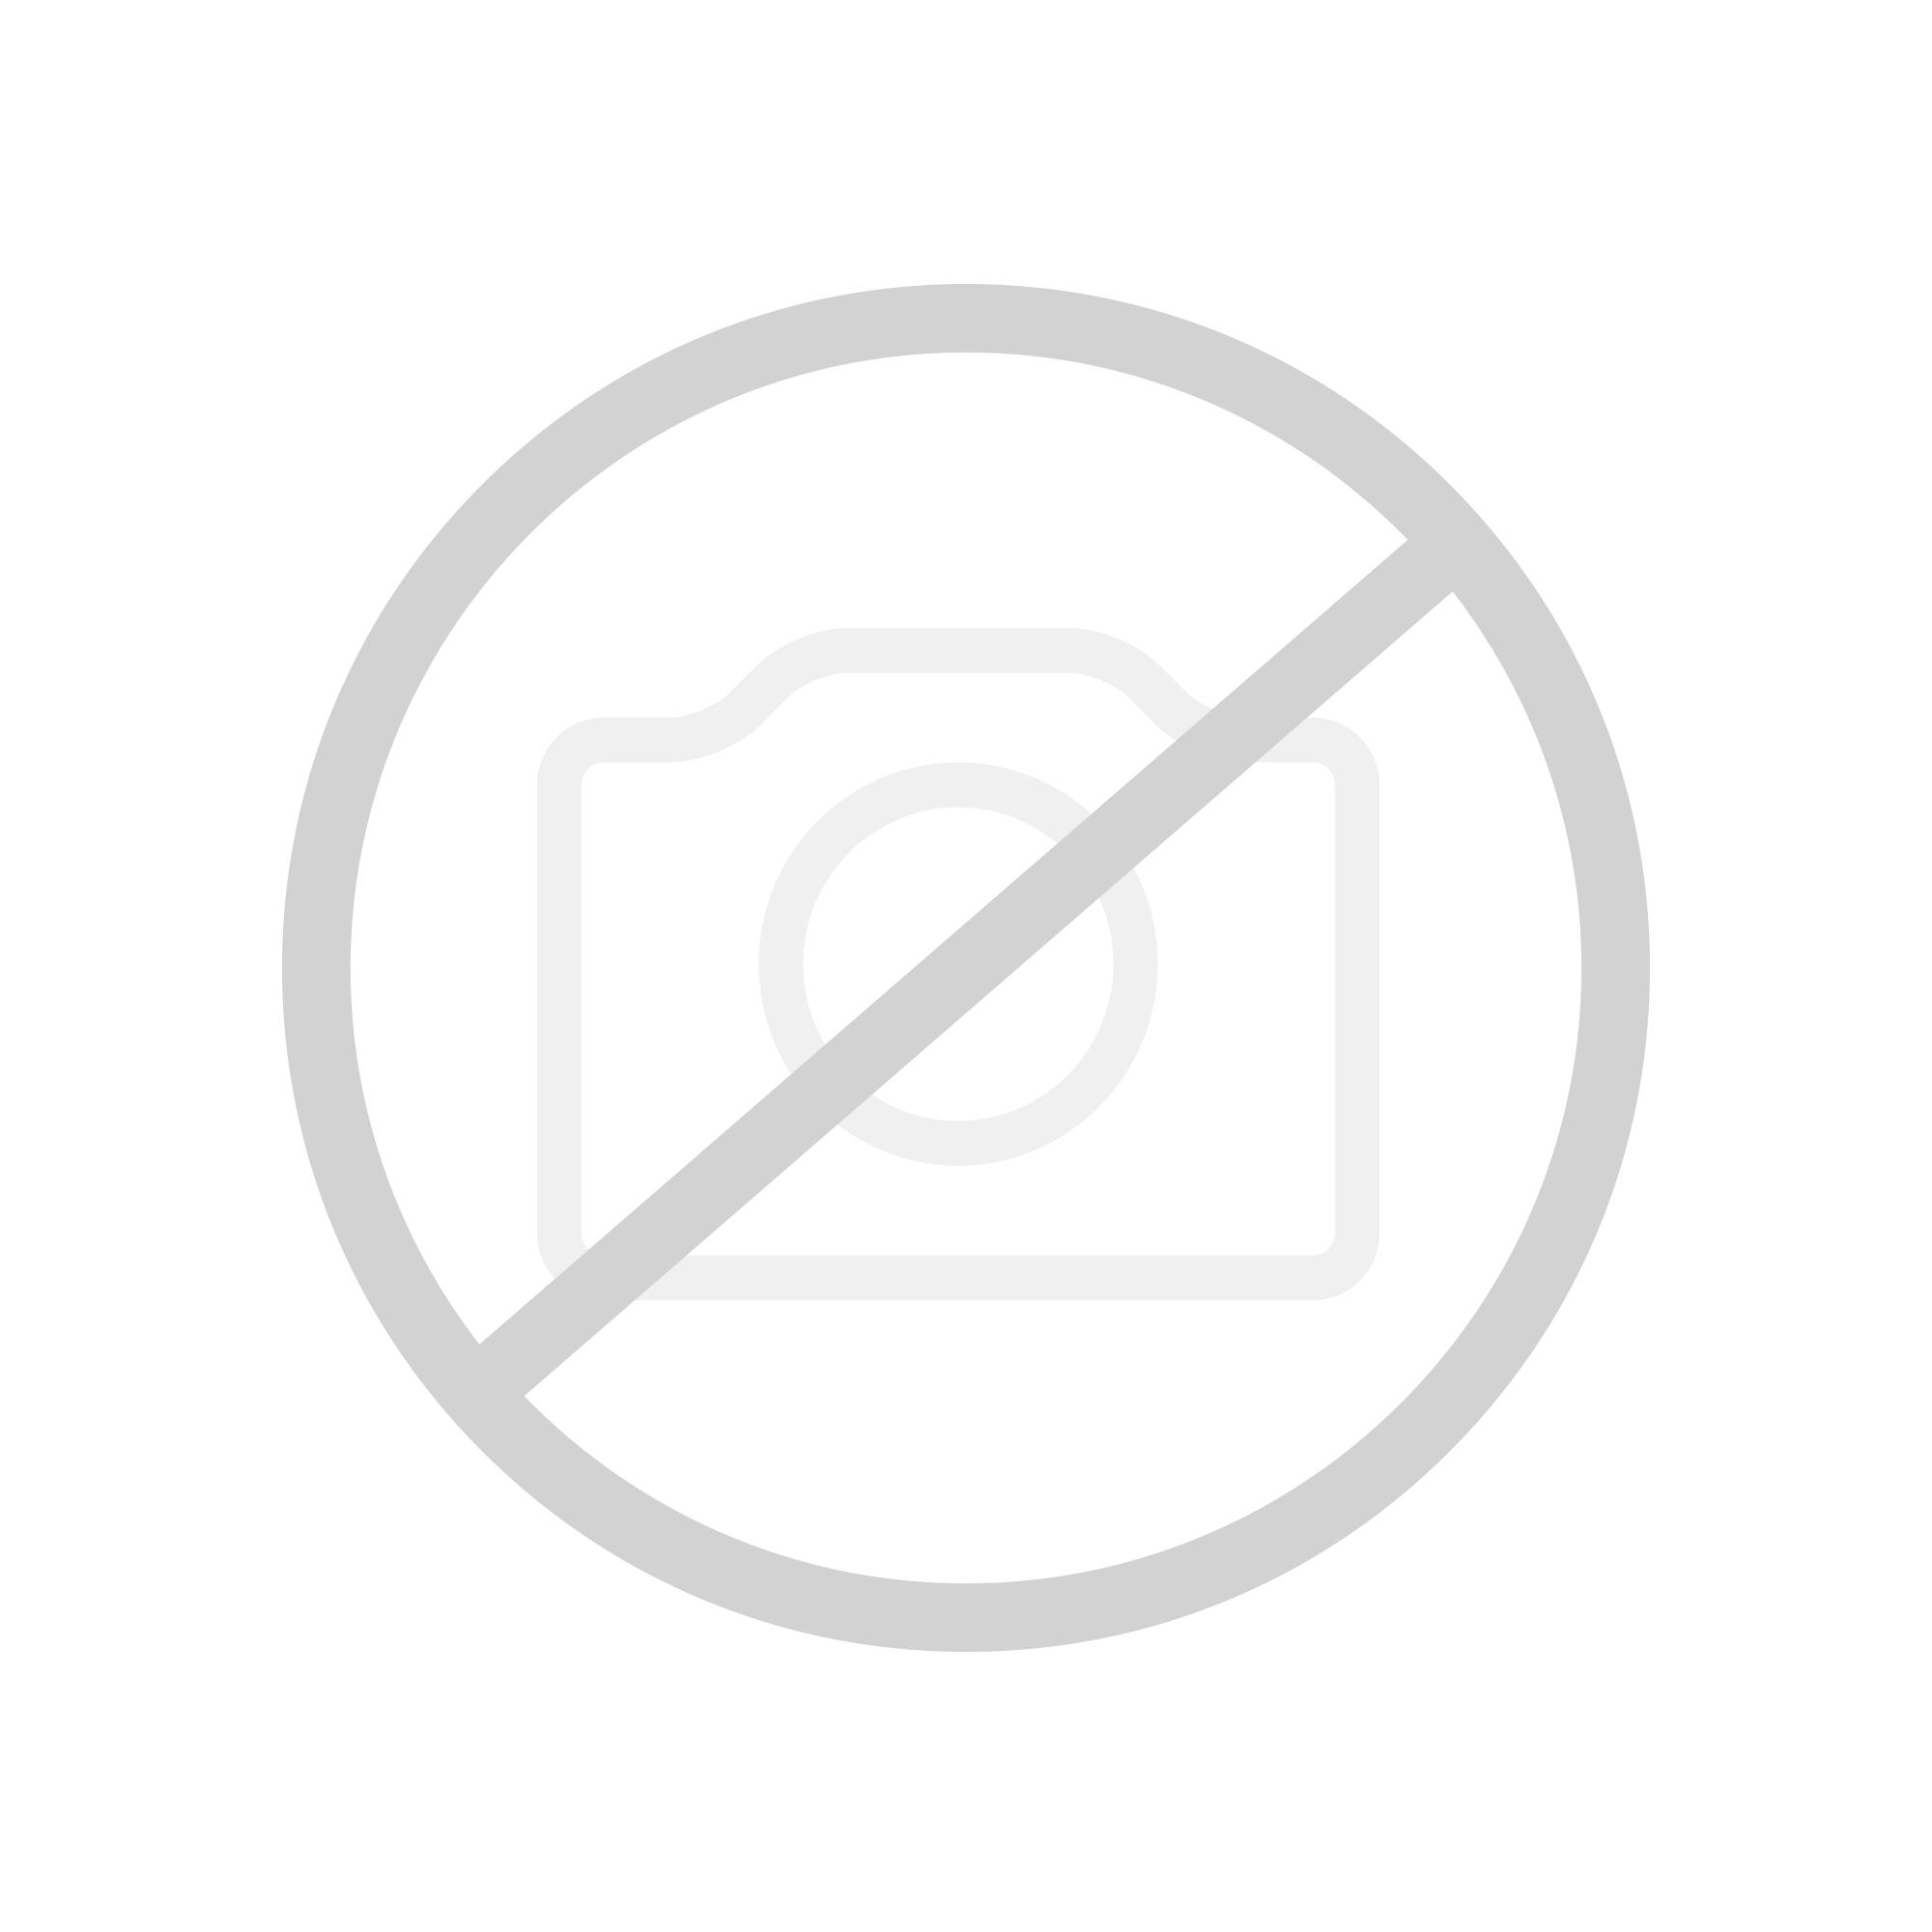 HSK Spiegelschränke günstig kaufen | Reuter Onlineshop